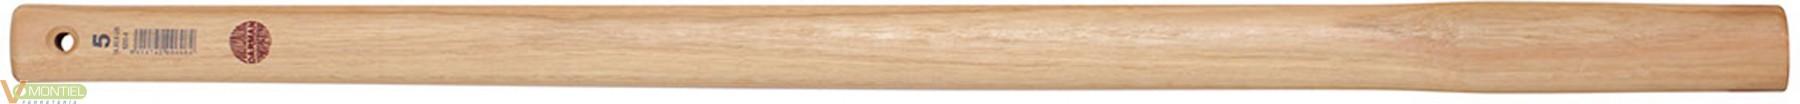 Mango maza 900mm 36-90-4-0